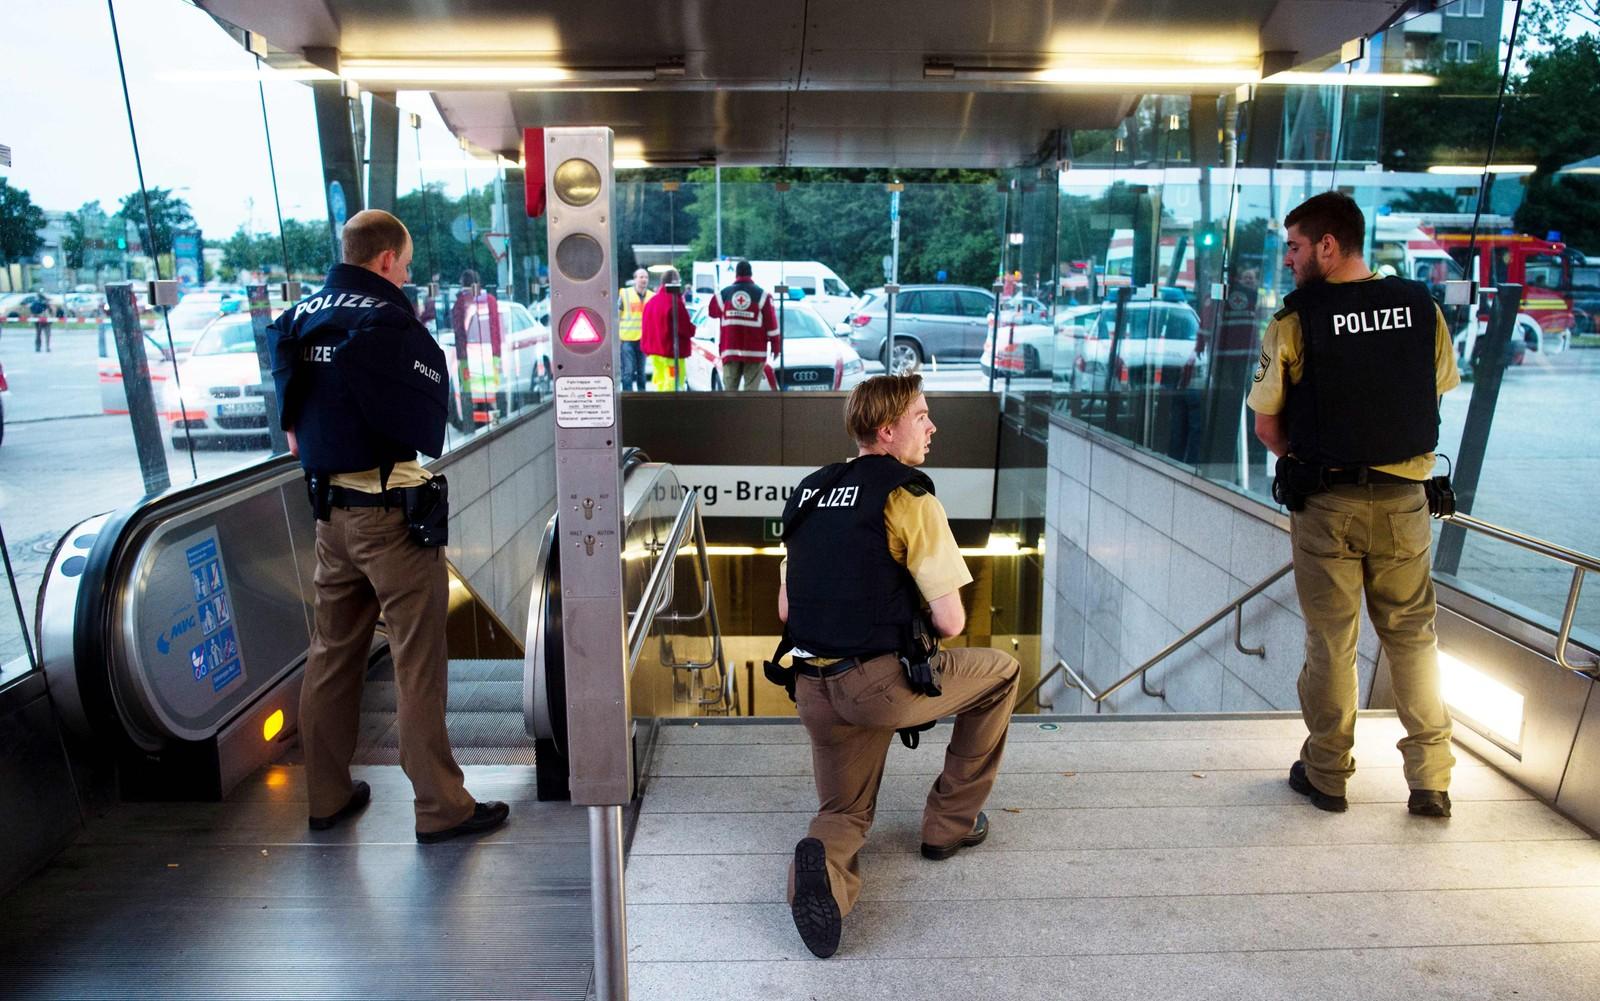 VOKTER UNDERGRUNNEN: Bevæpnet politi vokter inngangen til en undergrunnsstasjon i München.